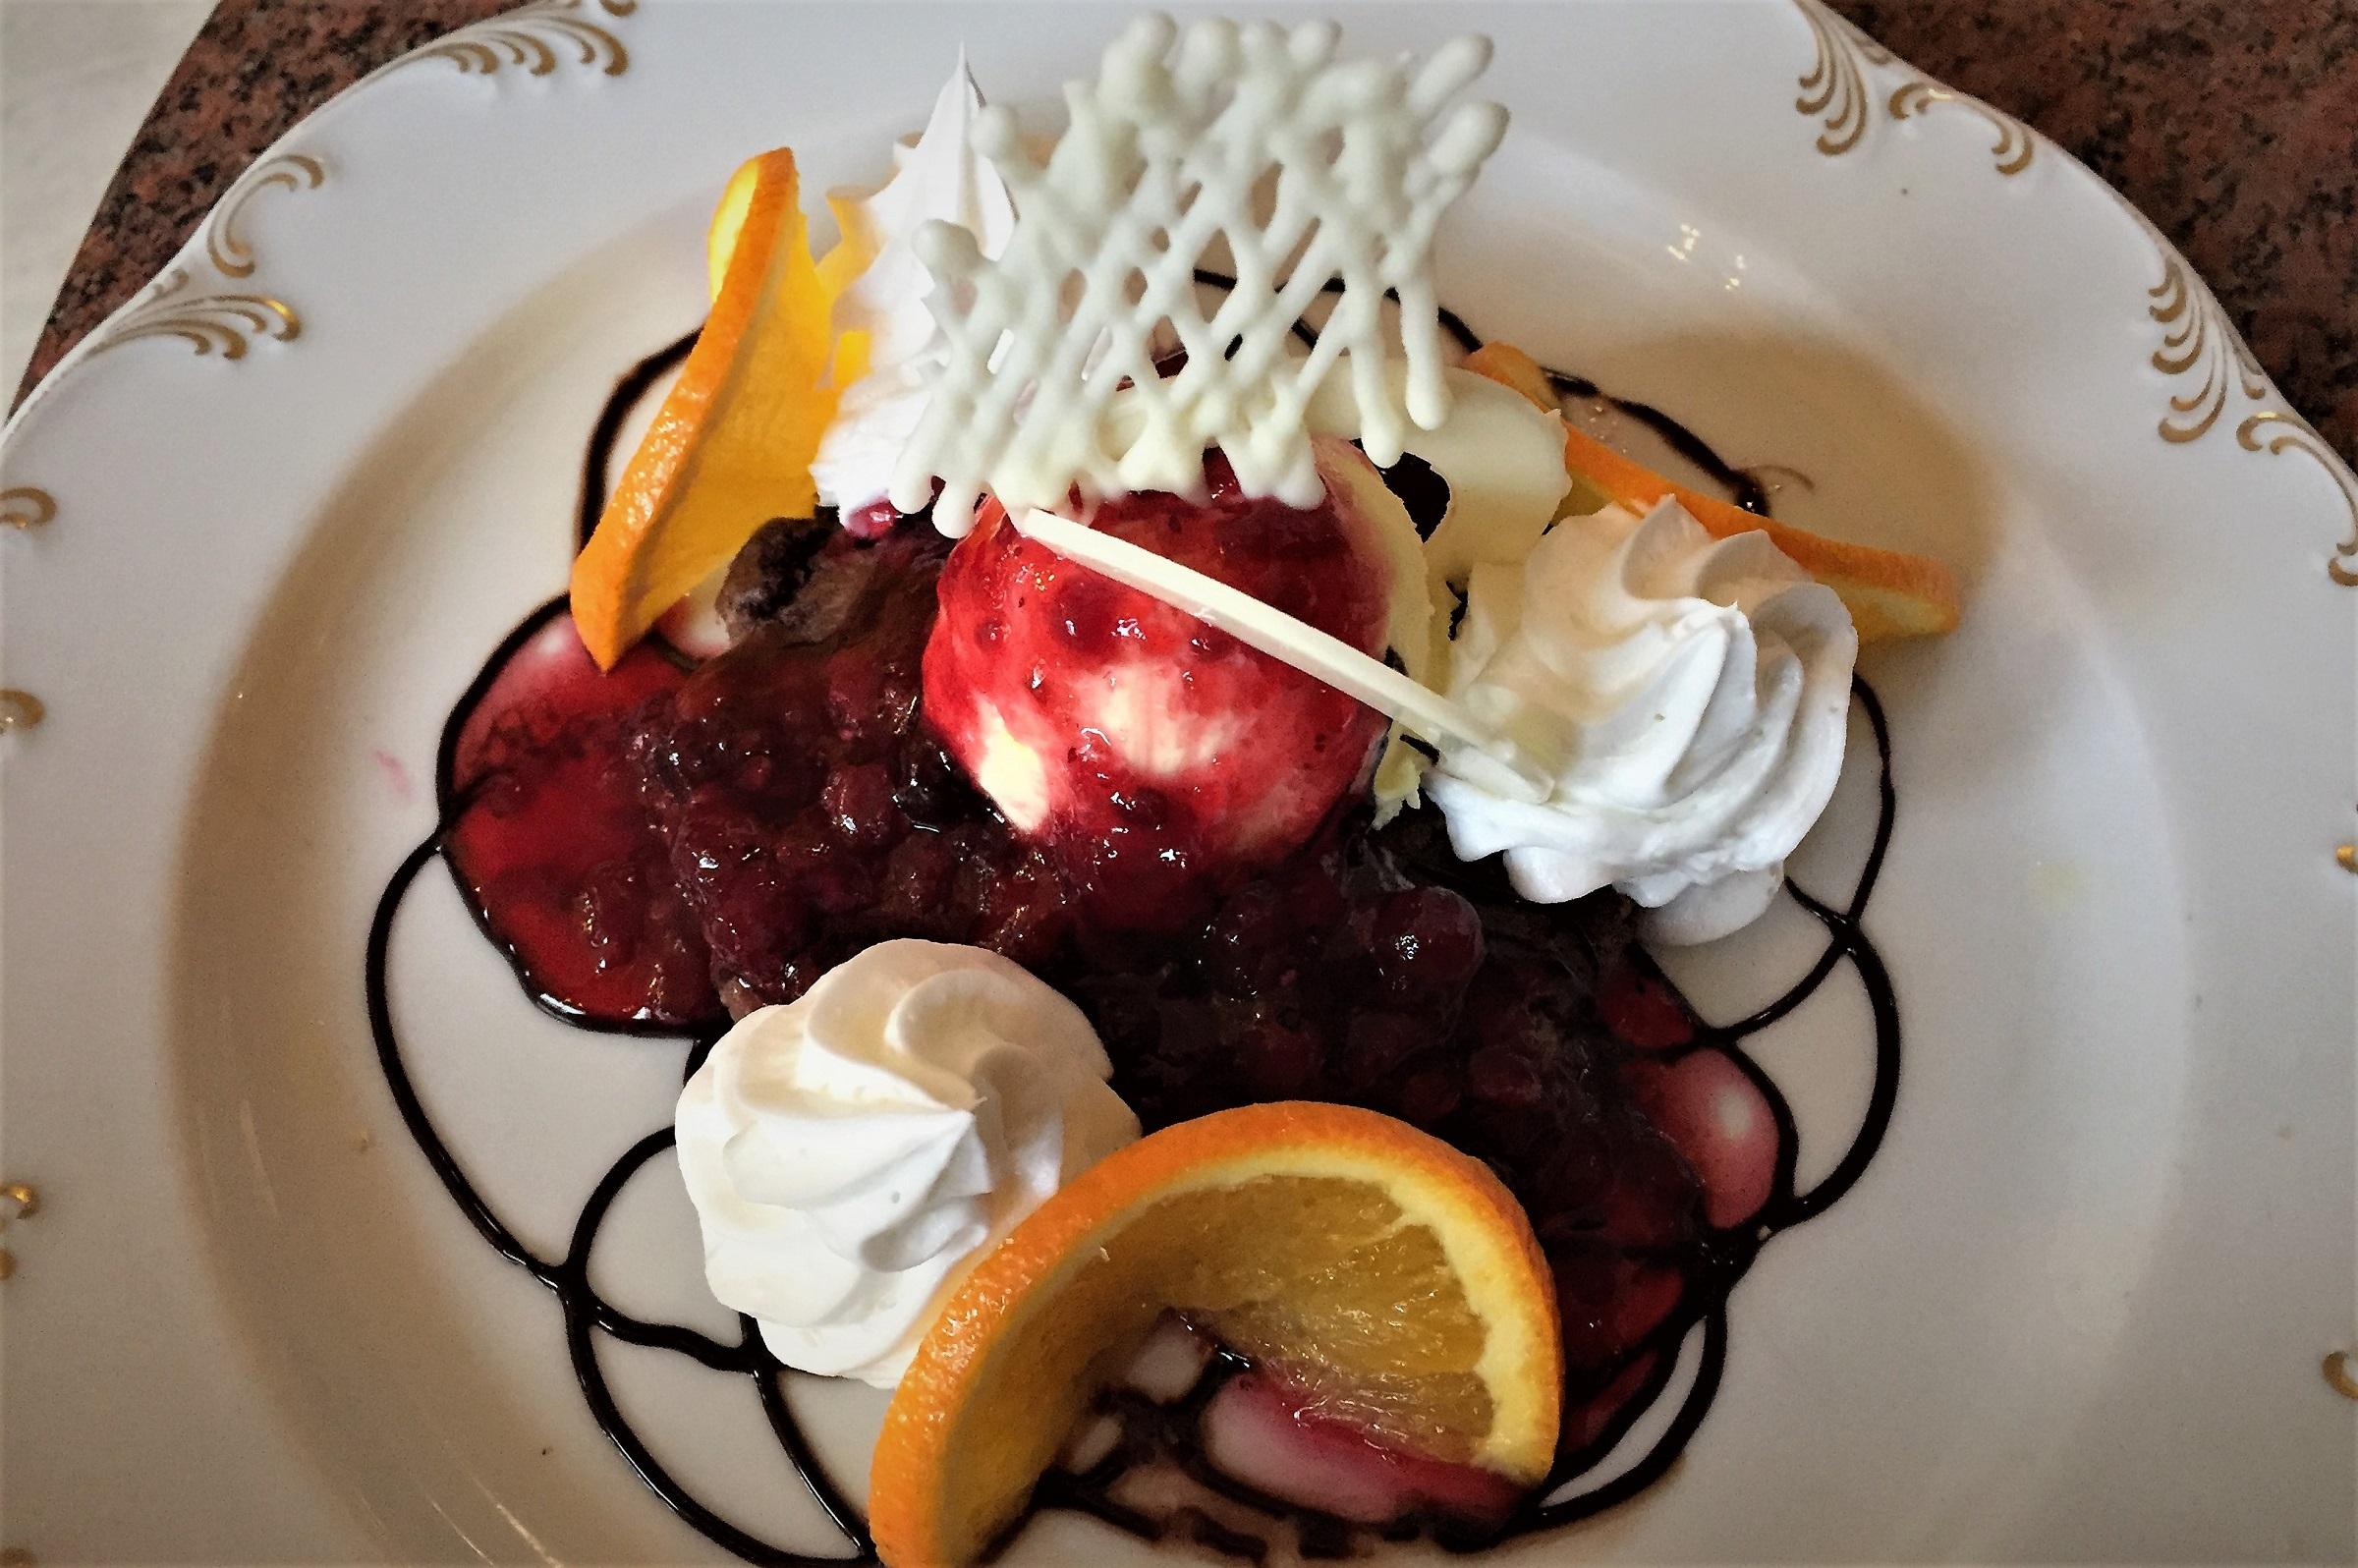 Leckere Desserts in gediegener Atmosphäre im Hotel Moskau.